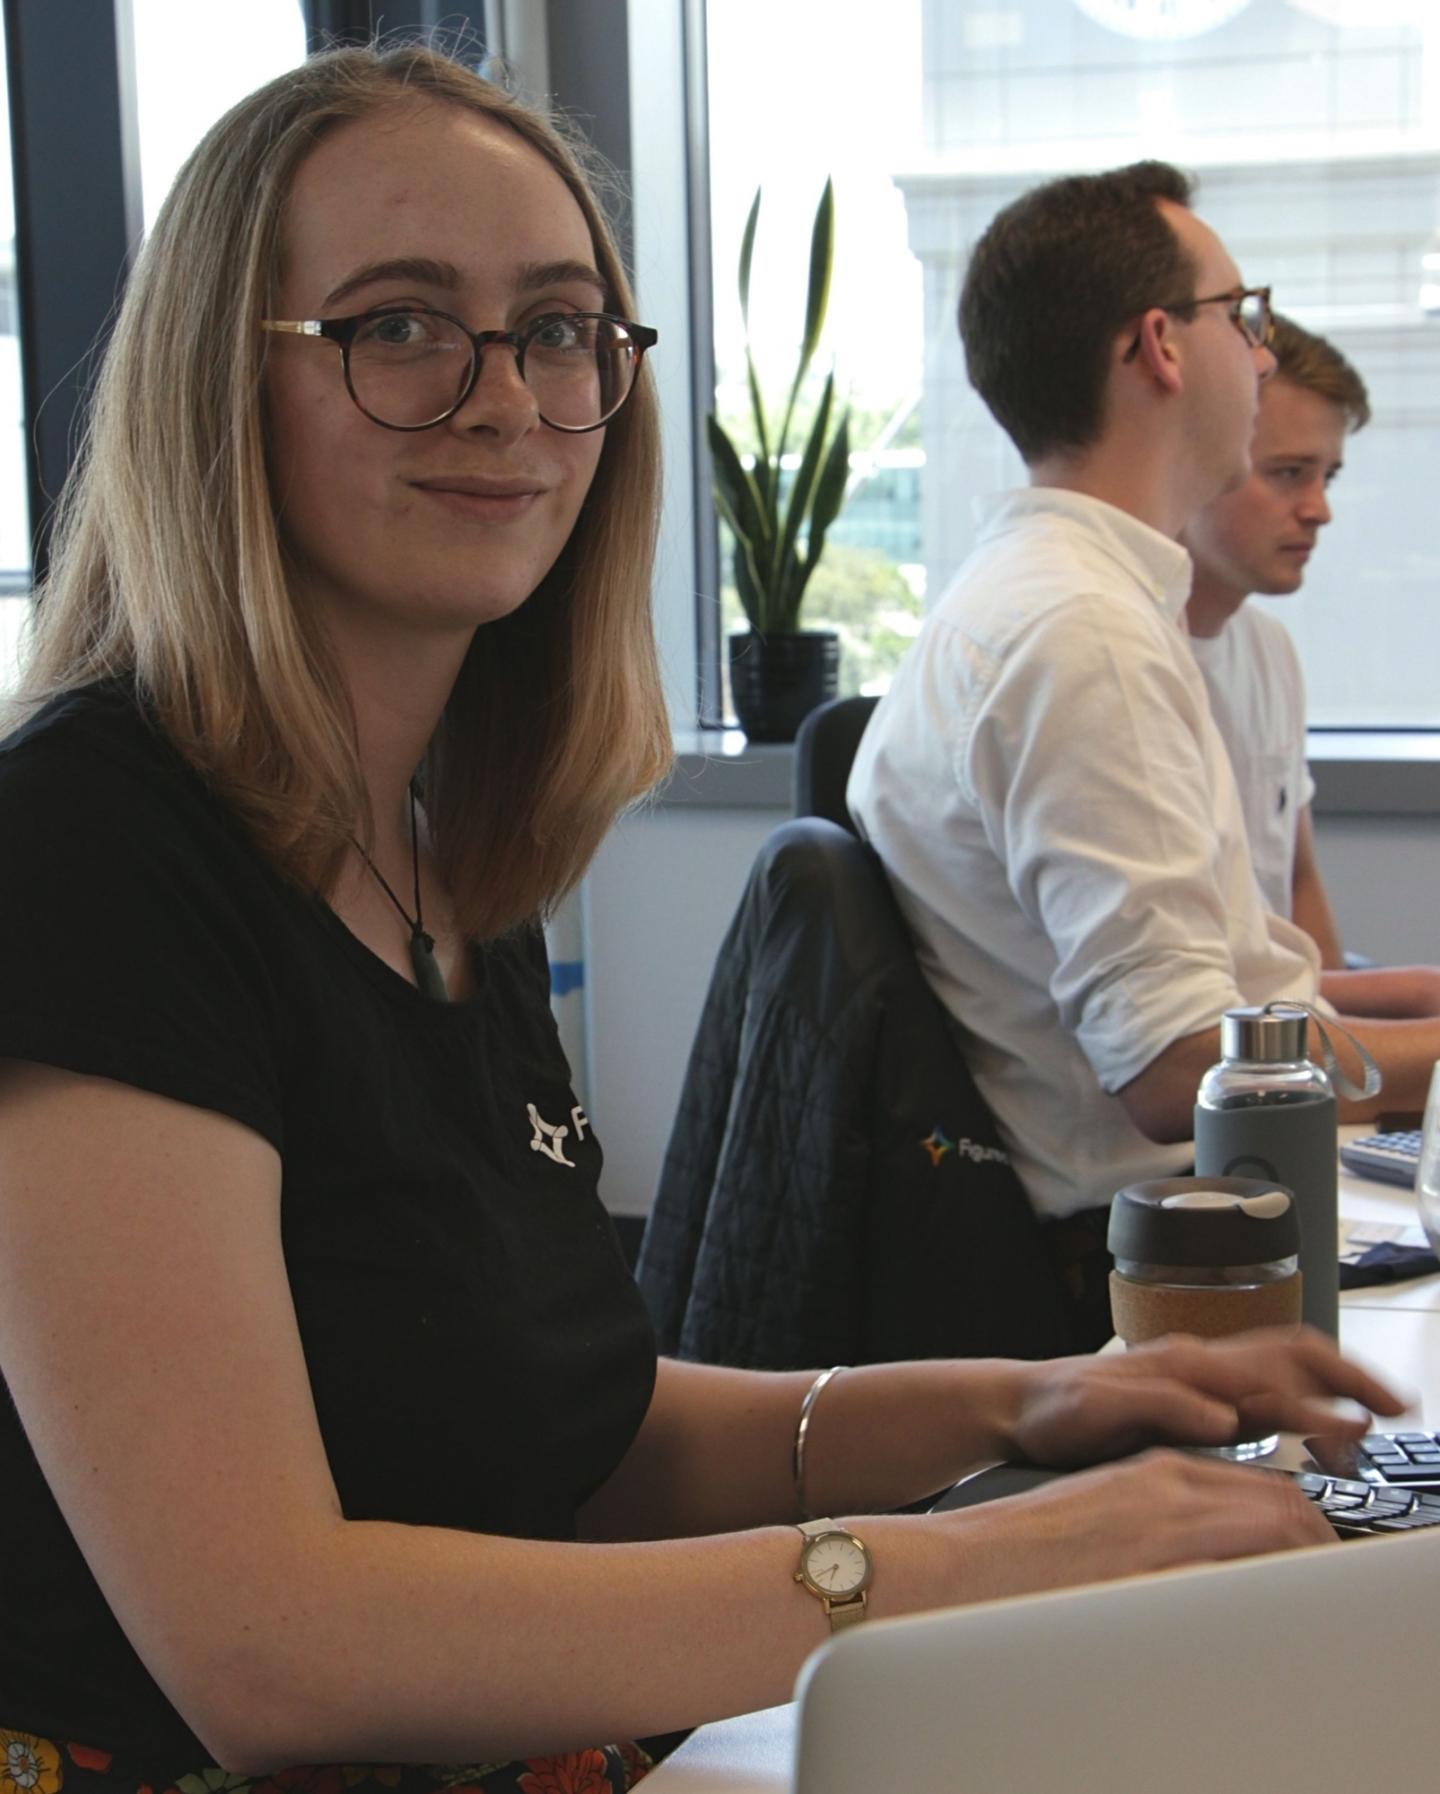 Meet the Team: Jessie, Customer Success Specialist